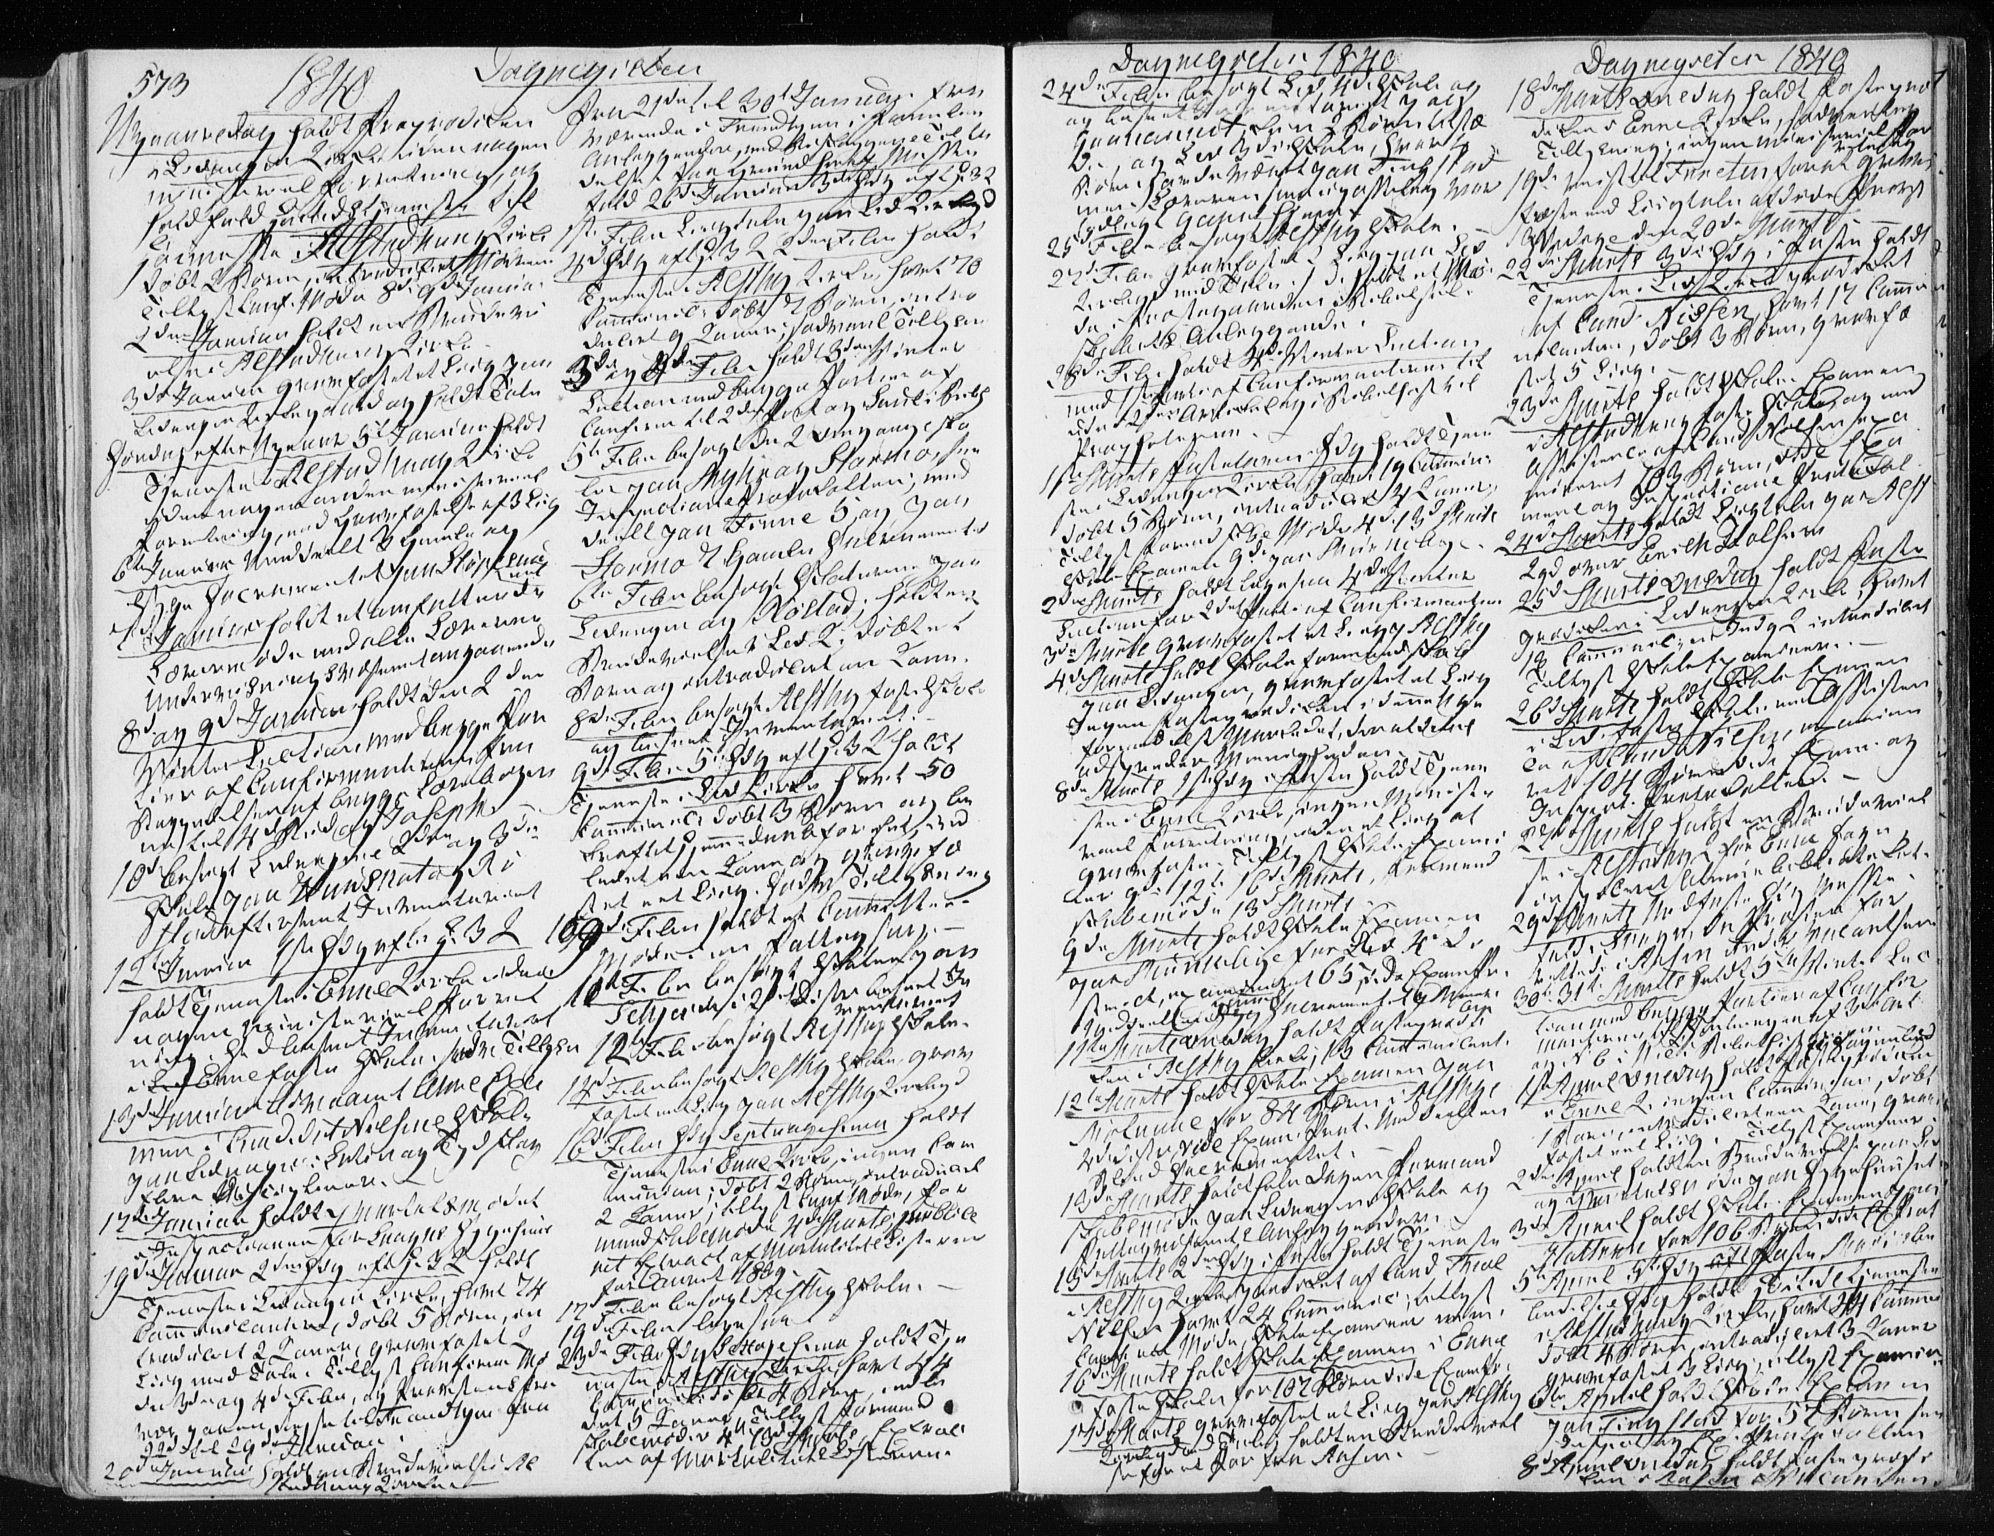 SAT, Ministerialprotokoller, klokkerbøker og fødselsregistre - Nord-Trøndelag, 717/L0154: Ministerialbok nr. 717A06 /1, 1836-1849, s. 573